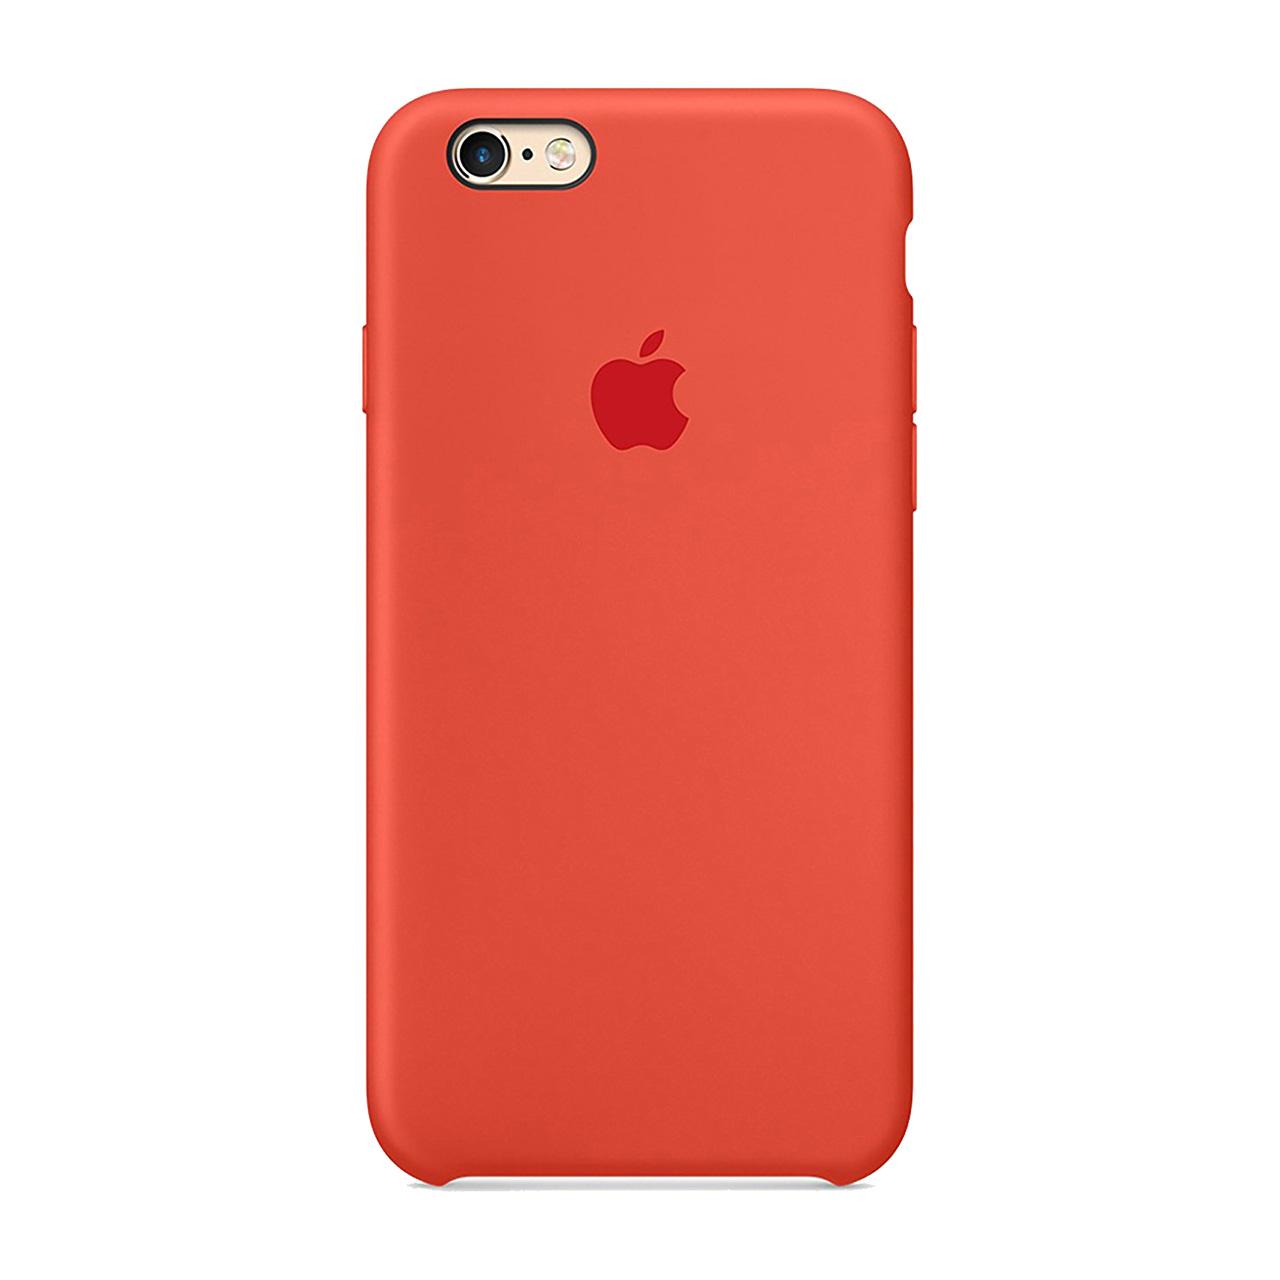 کاور مدل SlC مناسب برای گوشی موبایل آیفون 6/6s